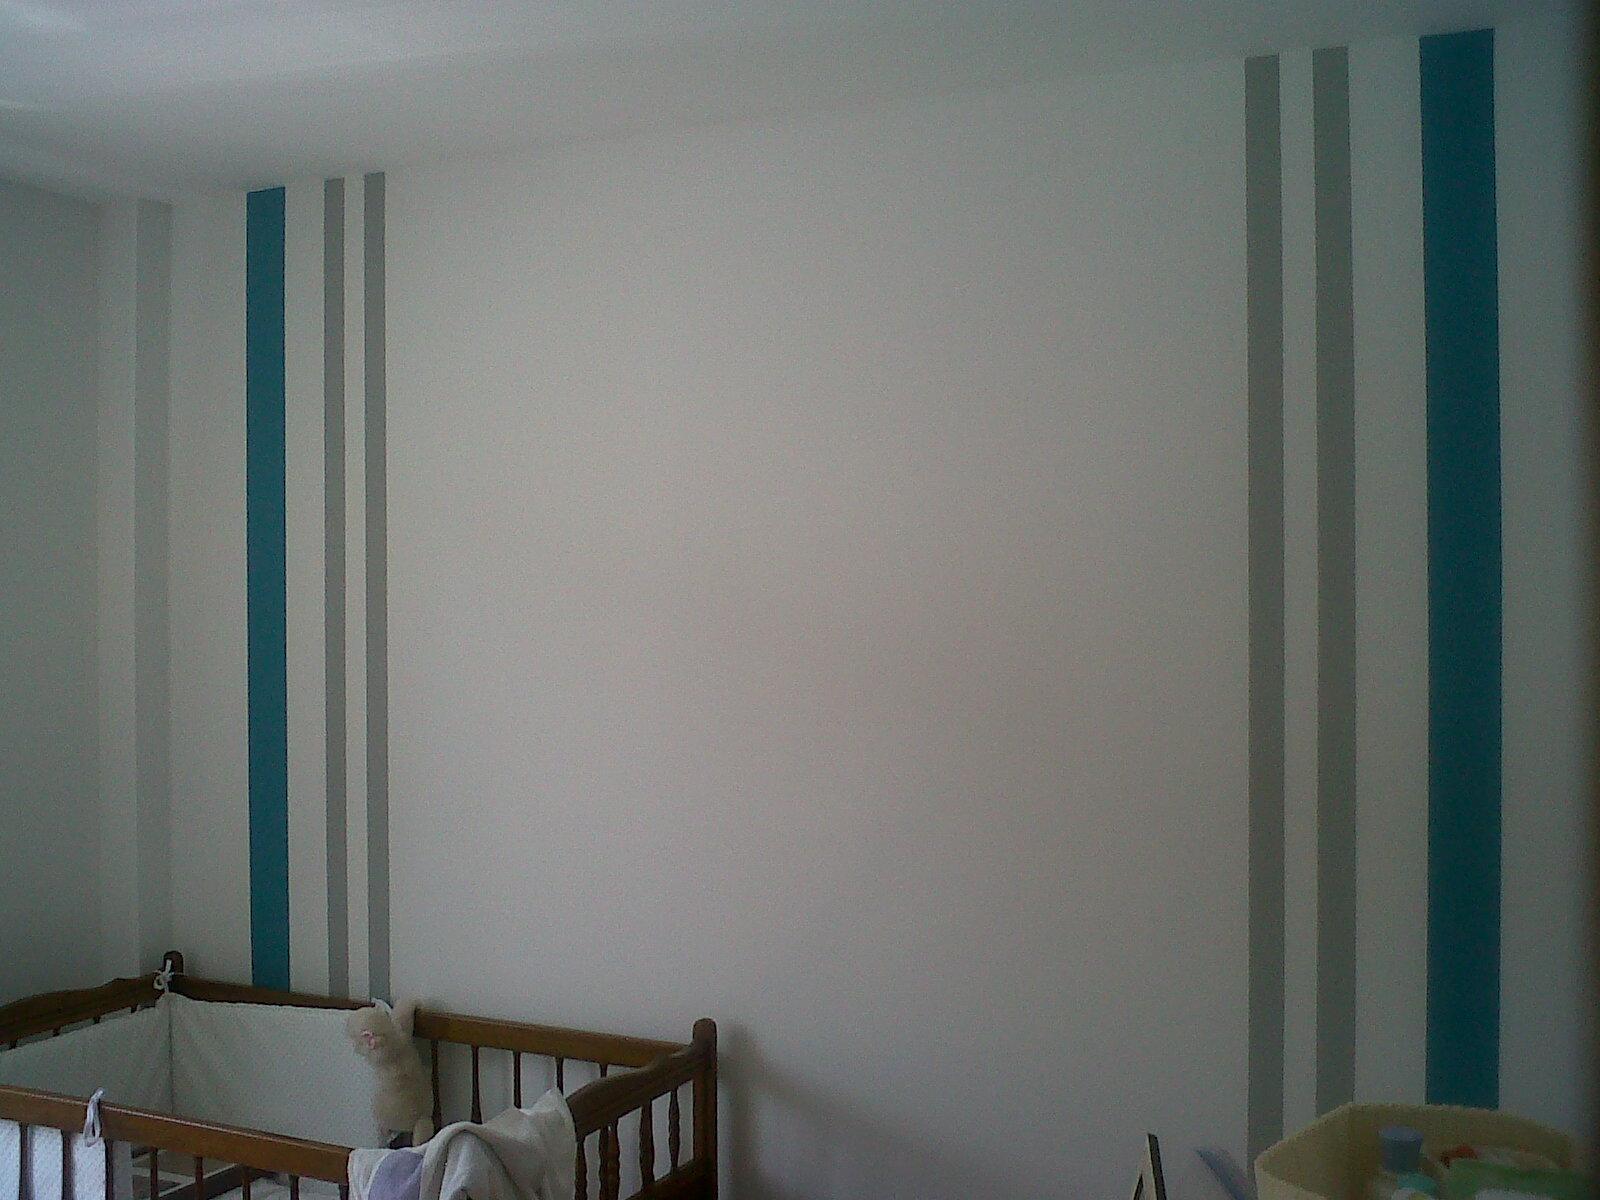 Pinturas aguado s l pintado de rayas en dos colores - Colores habitacion nino ...